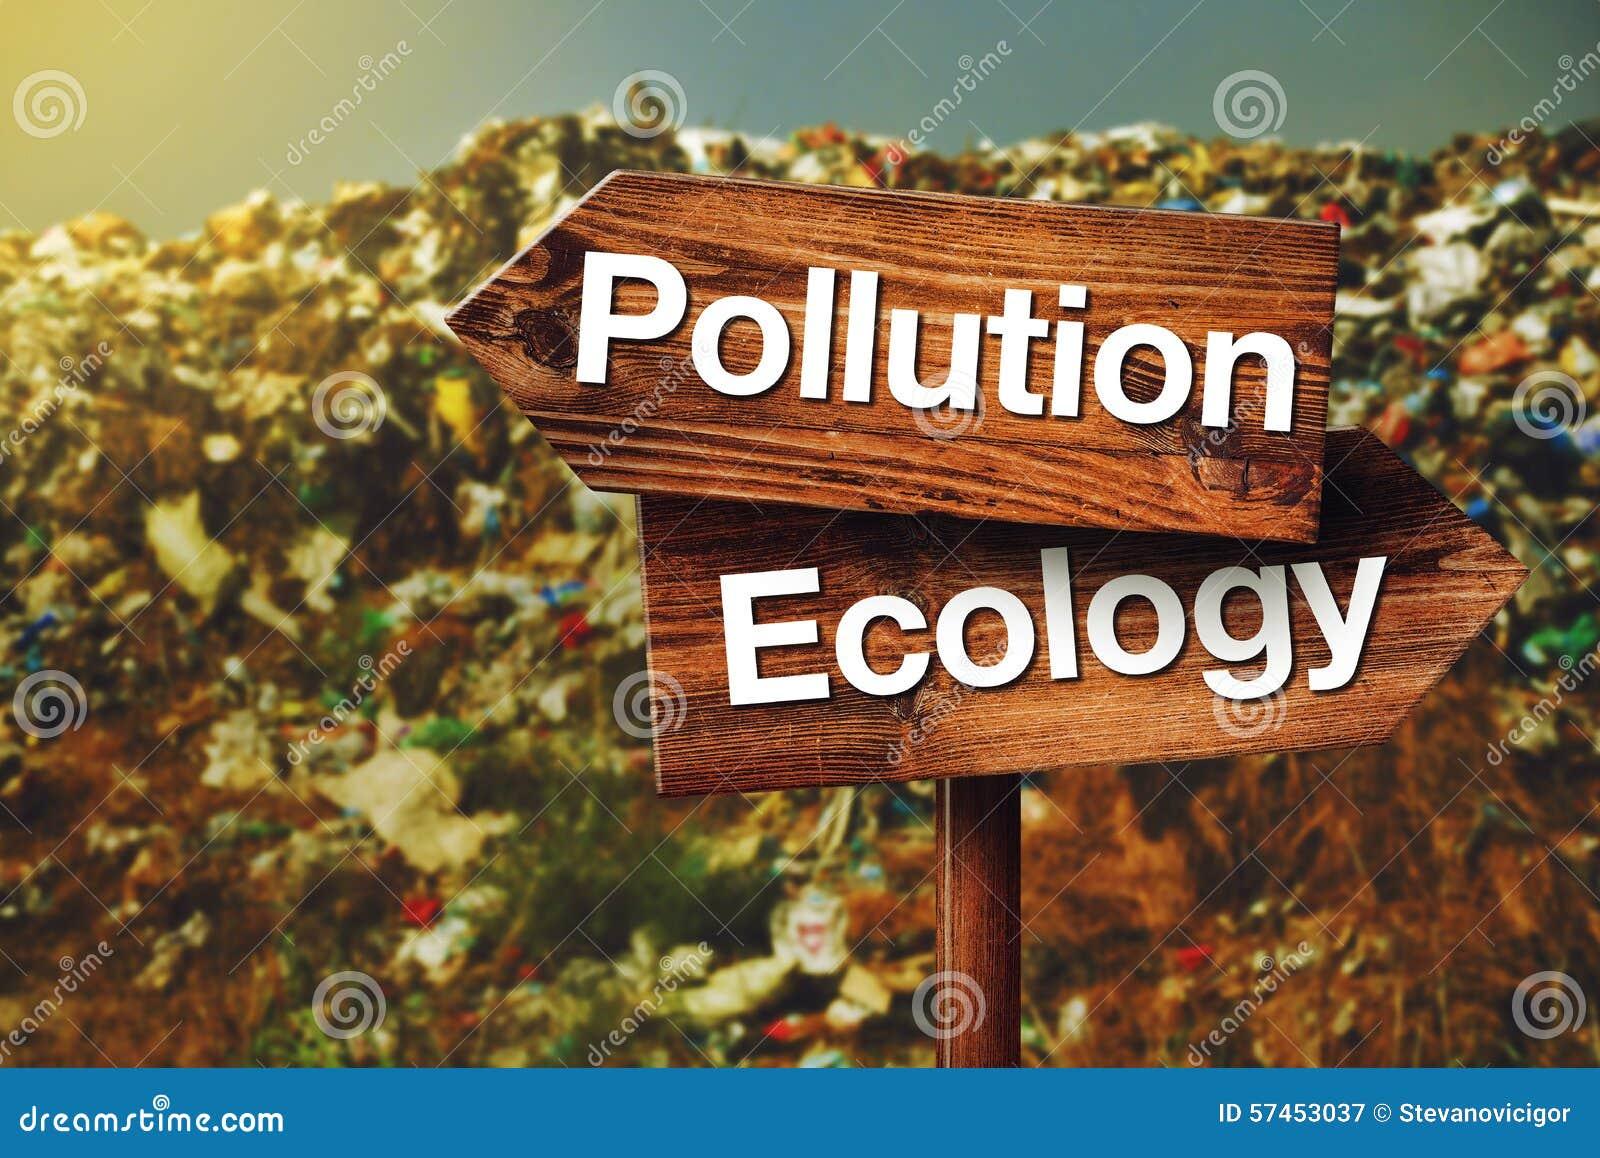 Verschmutzungs-oder Ökologie-Konzept